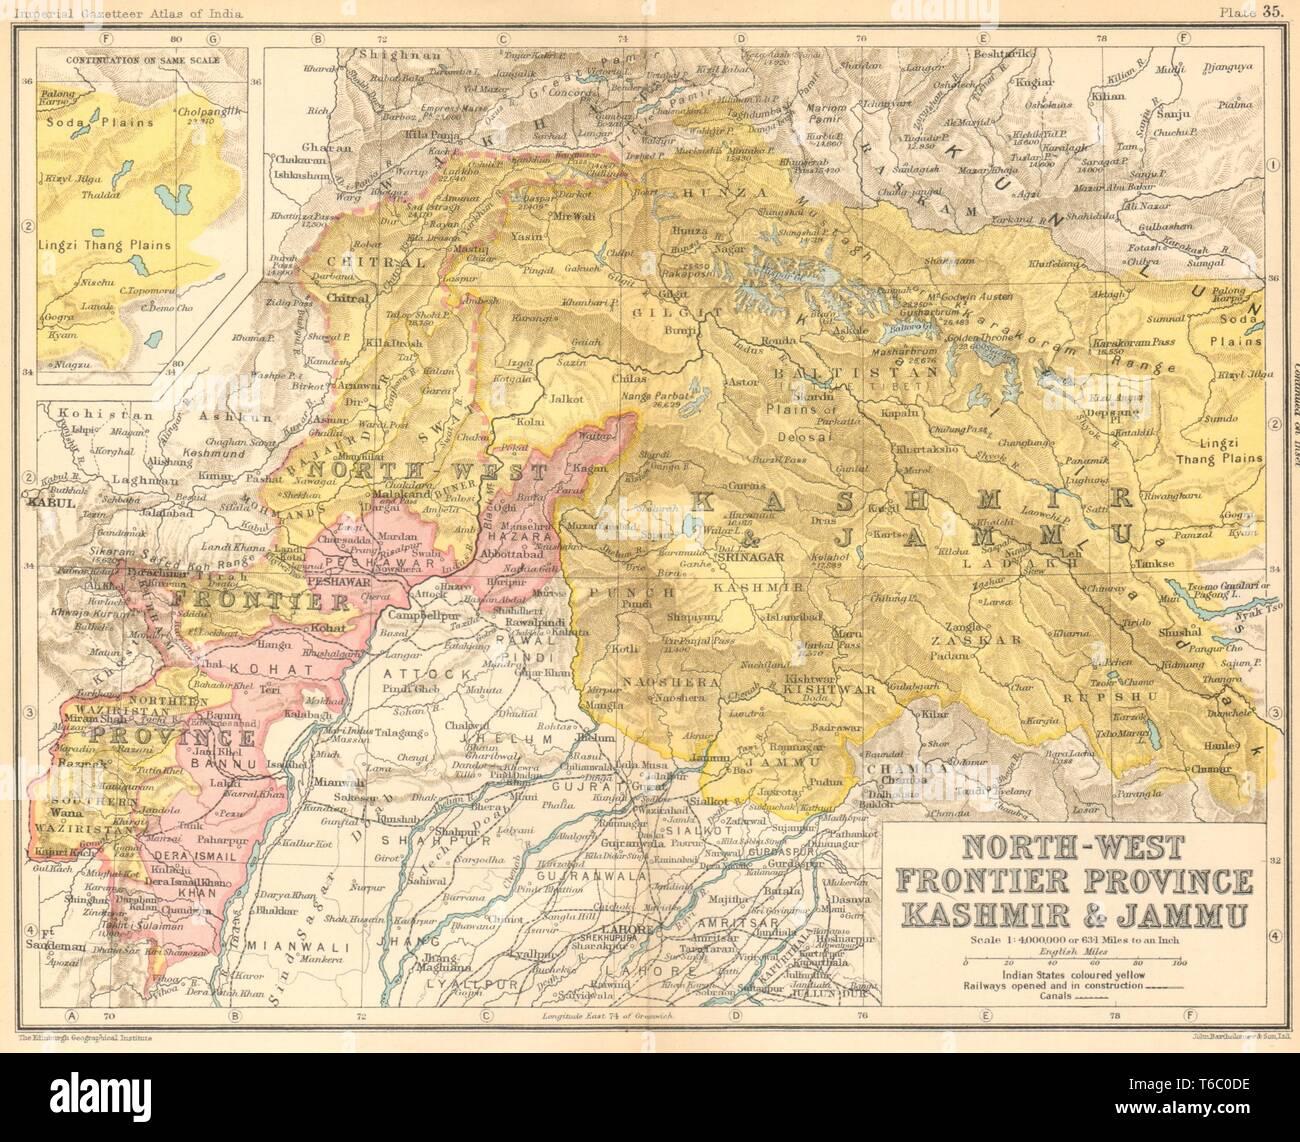 North-West Frontier Province, Jammu & Kashmir'  British